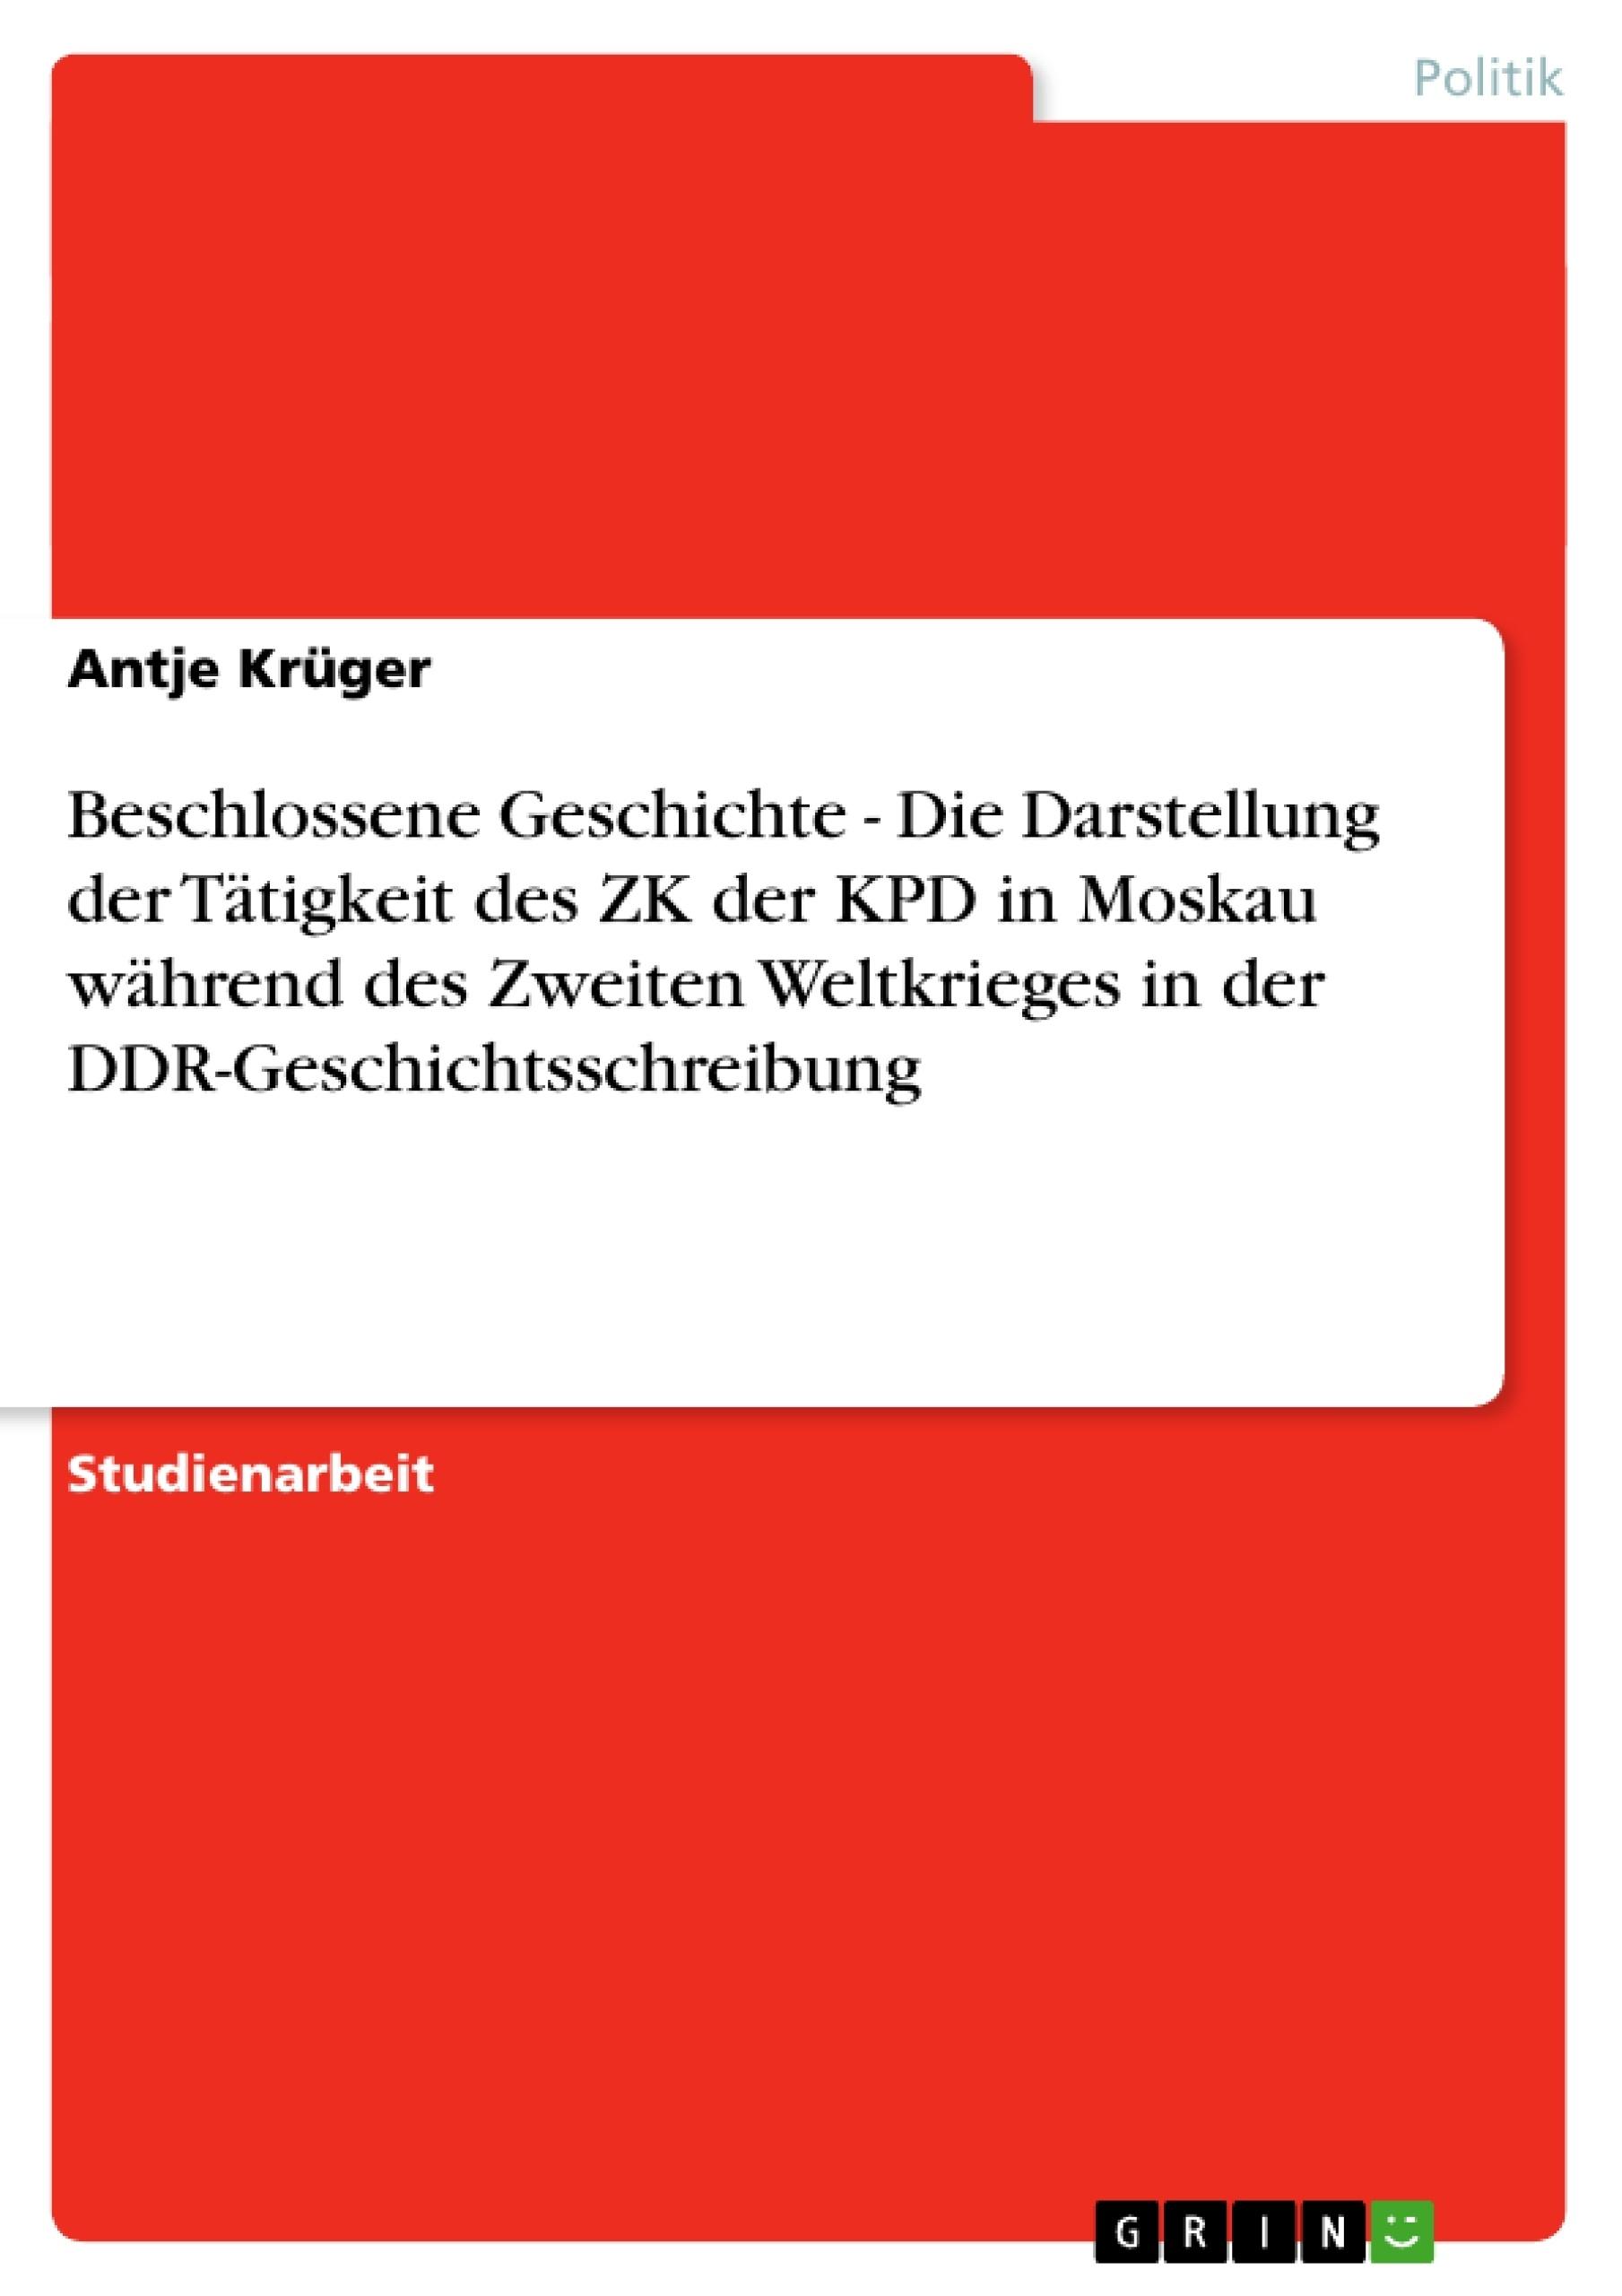 Titel: Beschlossene Geschichte - Die Darstellung der Tätigkeit des ZK der KPD in Moskau während des Zweiten Weltkrieges in der DDR-Geschichtsschreibung